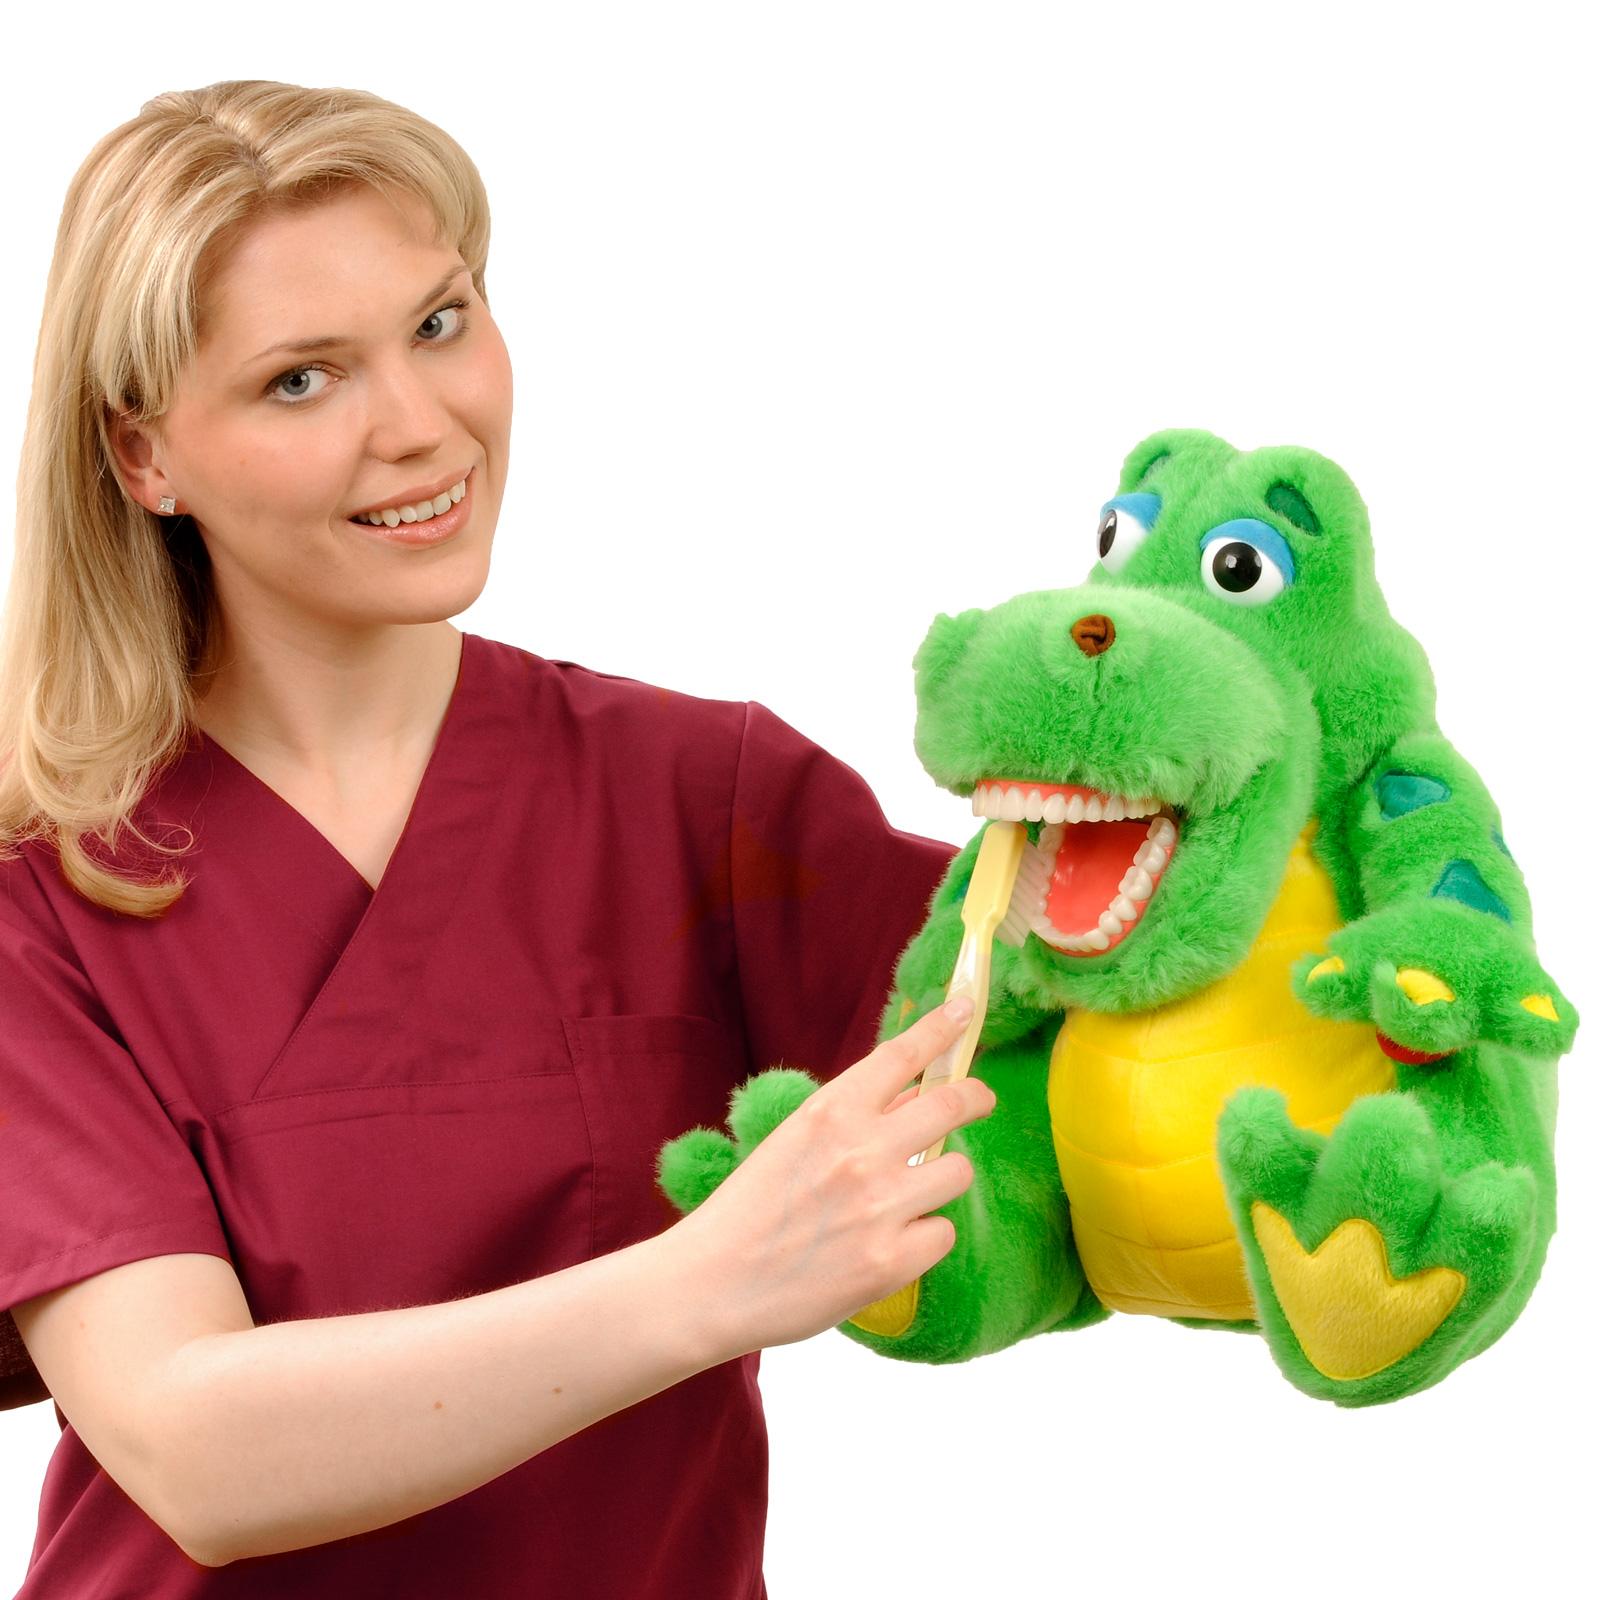 Kariesprophylaxe bei Kindern: Das Krokodil muss sich die Zähne putzen.